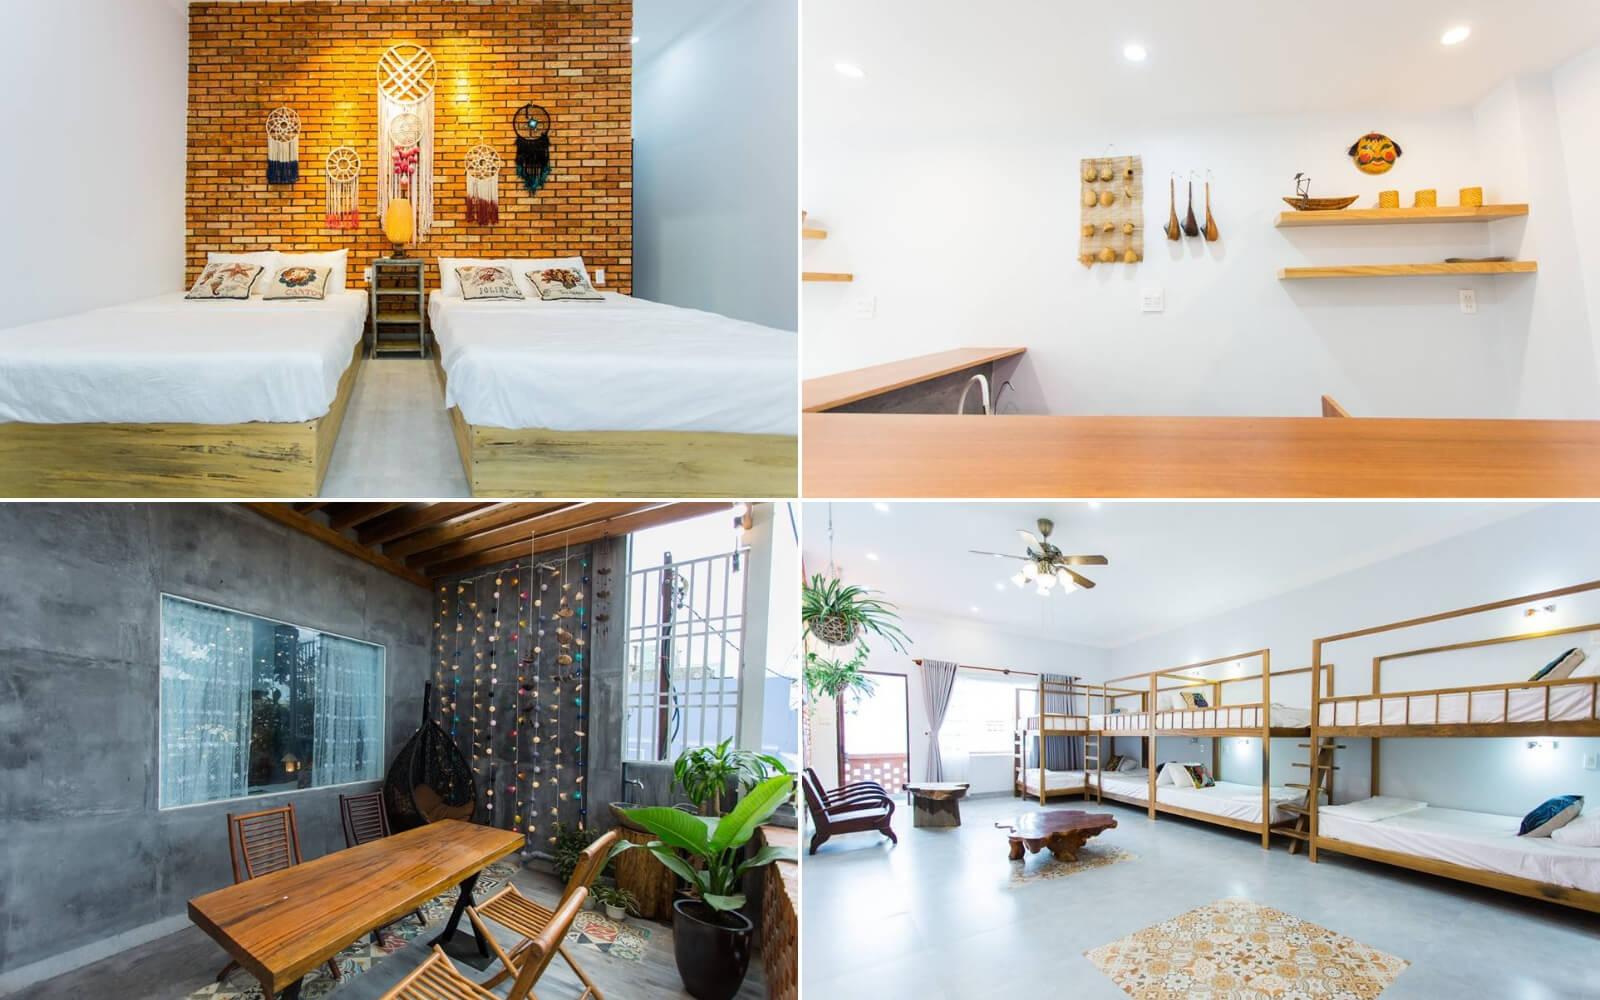 99 Homestay Quy Nhơn Bình Định giá rẻ đẹp gần biển, trung tâm từ 70k